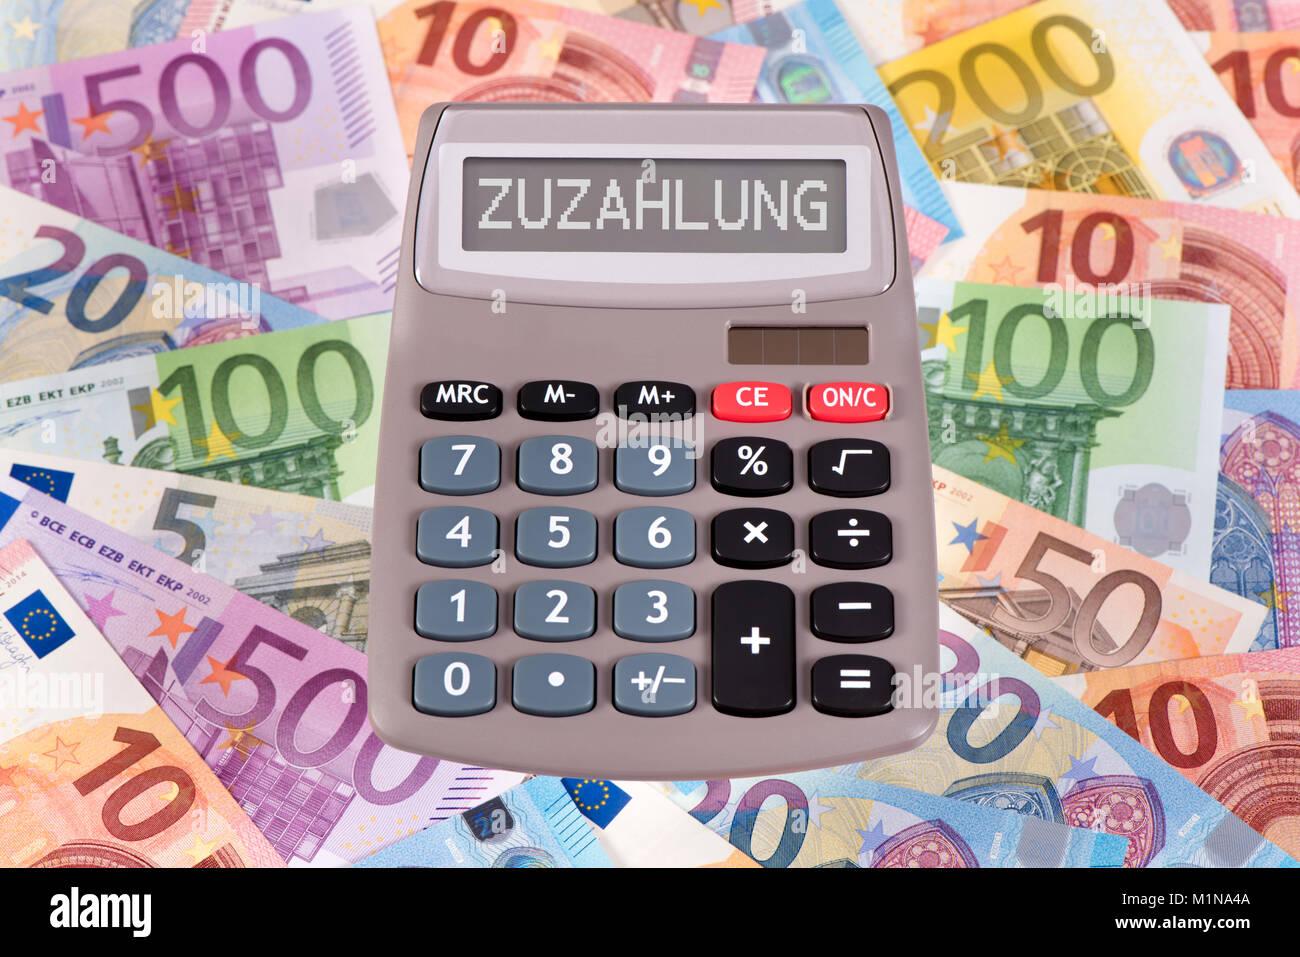 Finanzen, Finanzierung und Zuzahlung - Stock Image